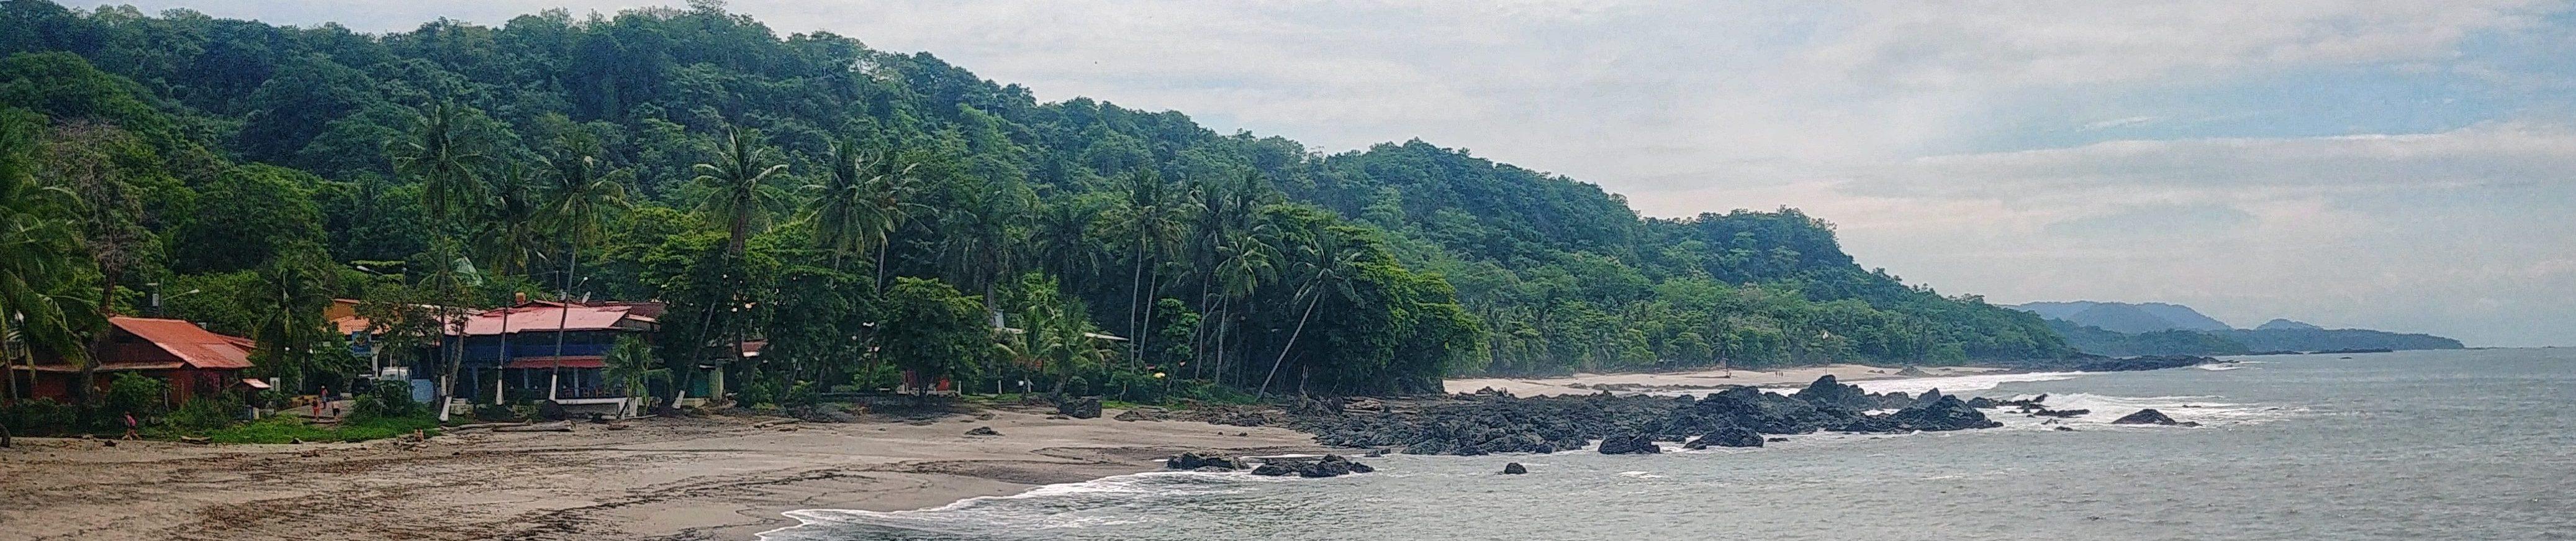 montezuma plage sud de Nicoya costa rica voyage sable surf vagues